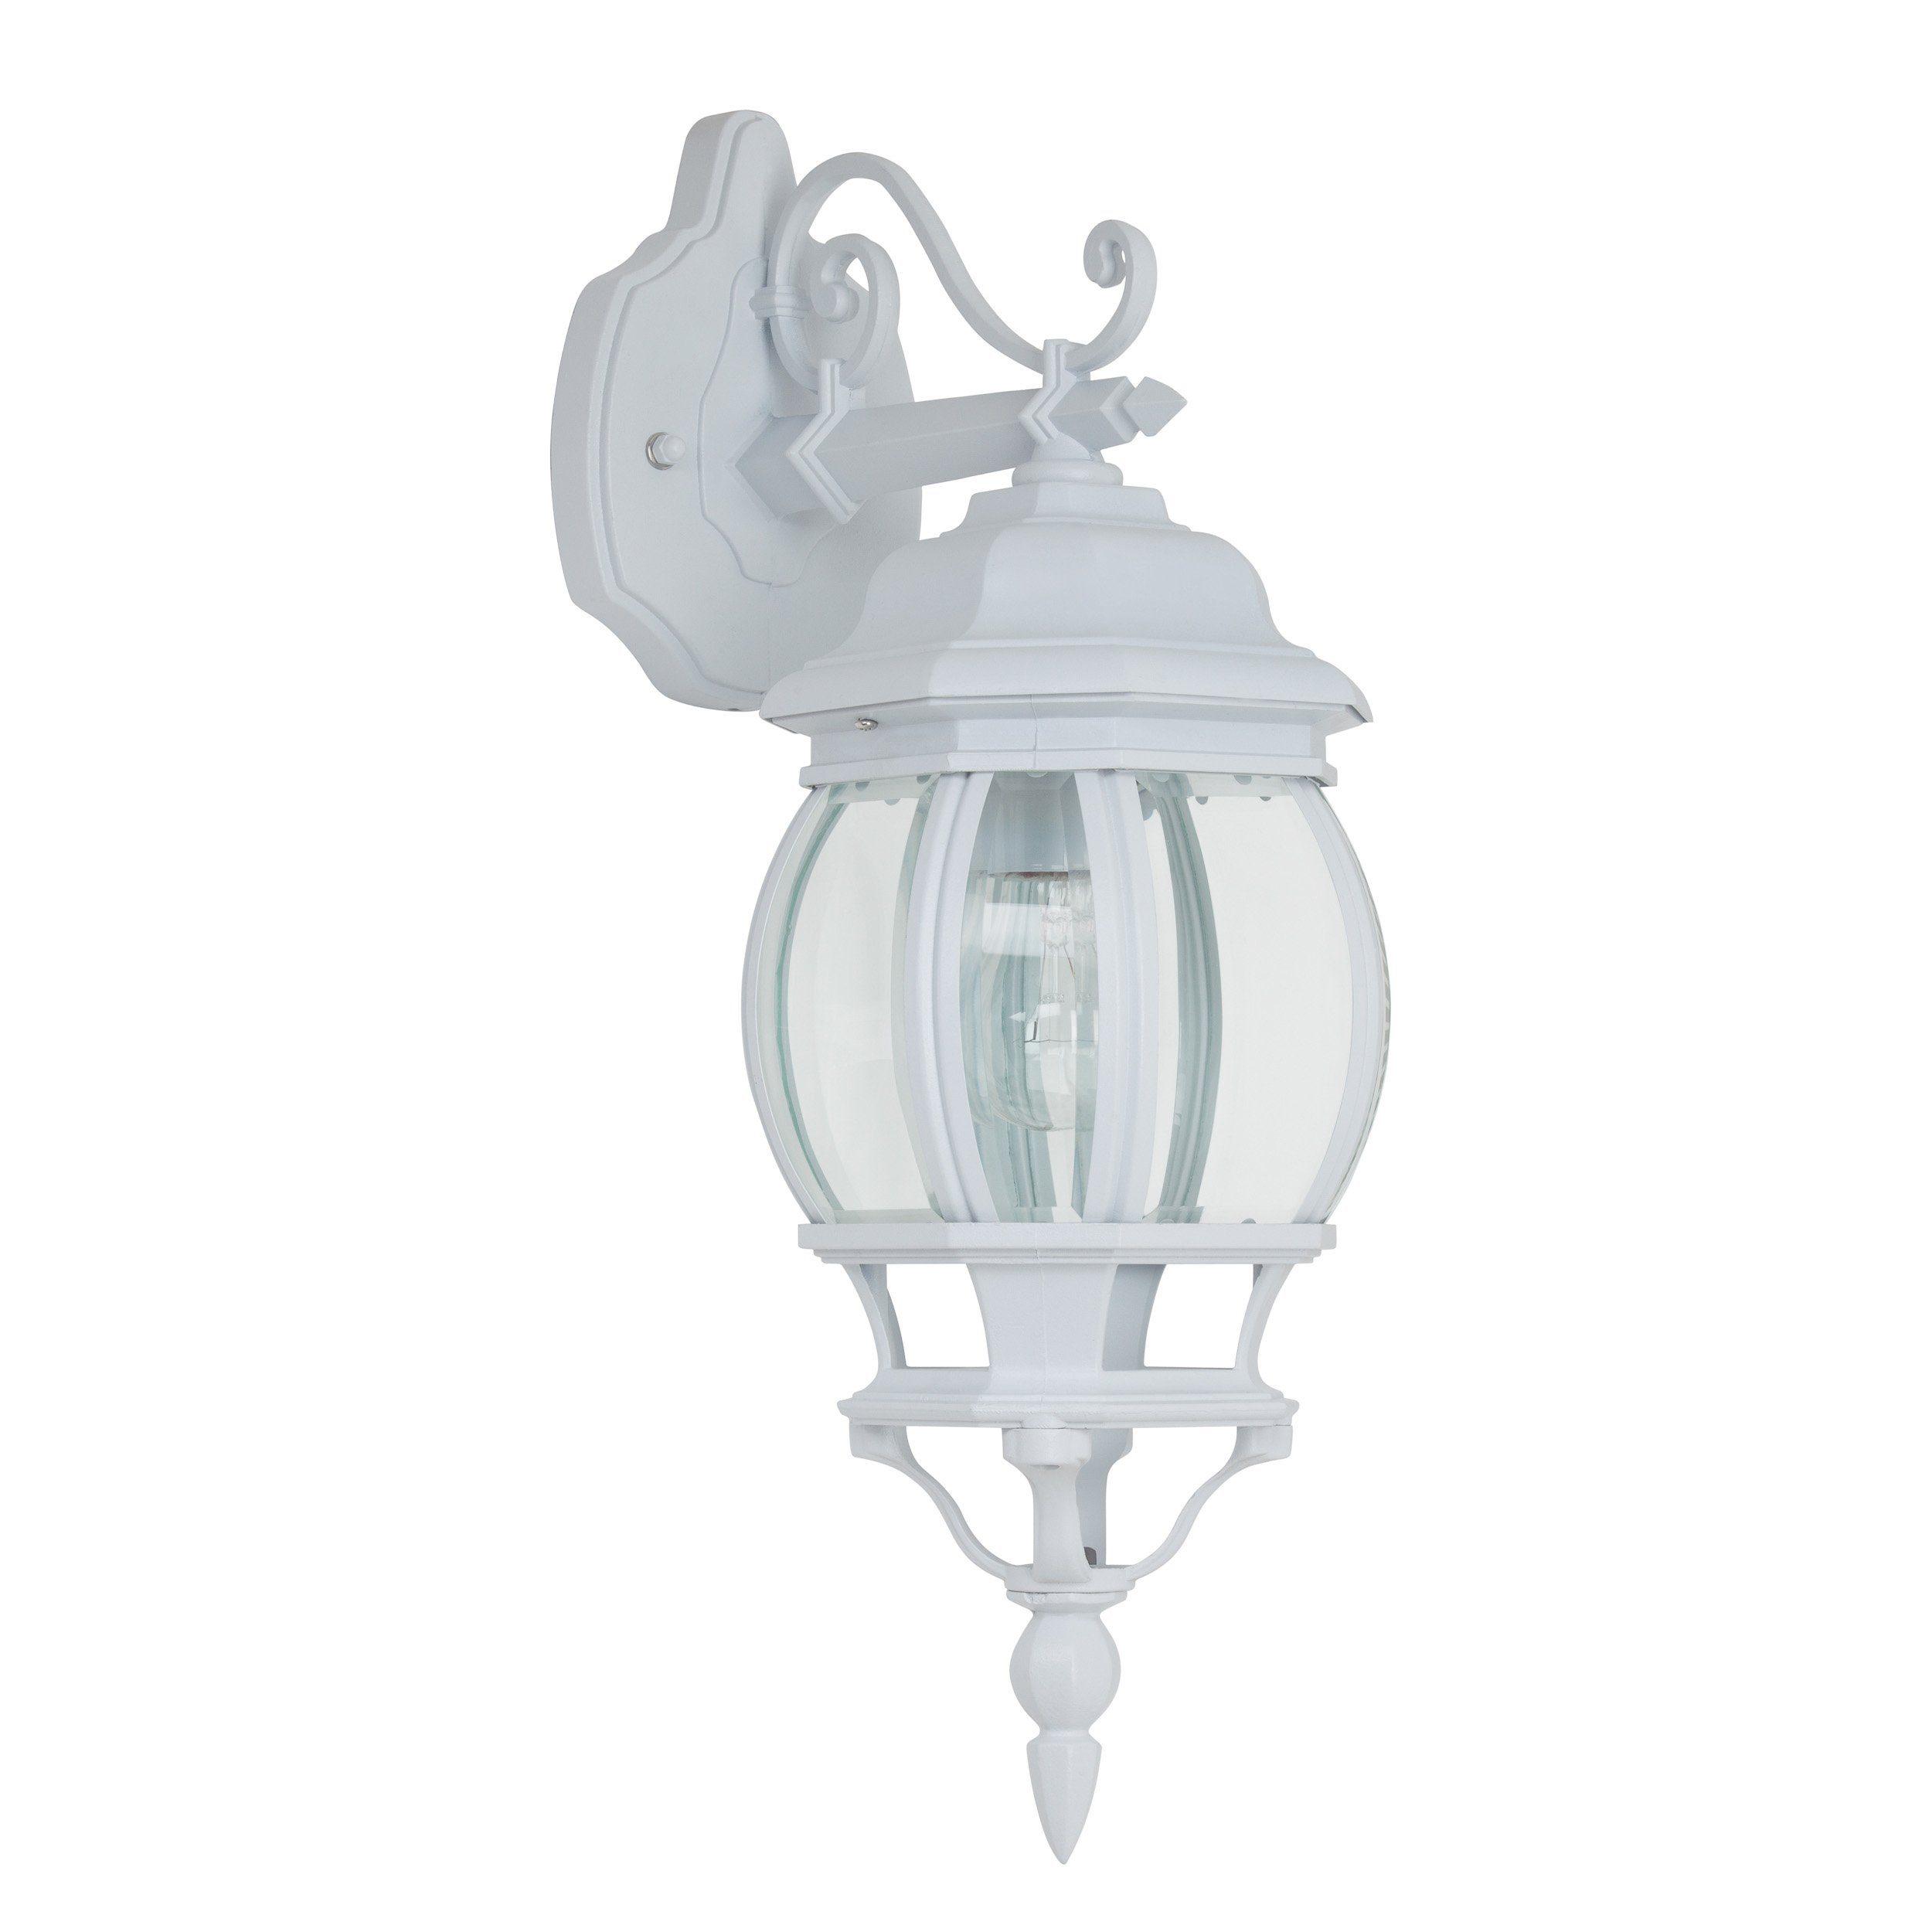 Brilliant Leuchten Istria Außenwandleuchte, hängend weiß/transparent IP23